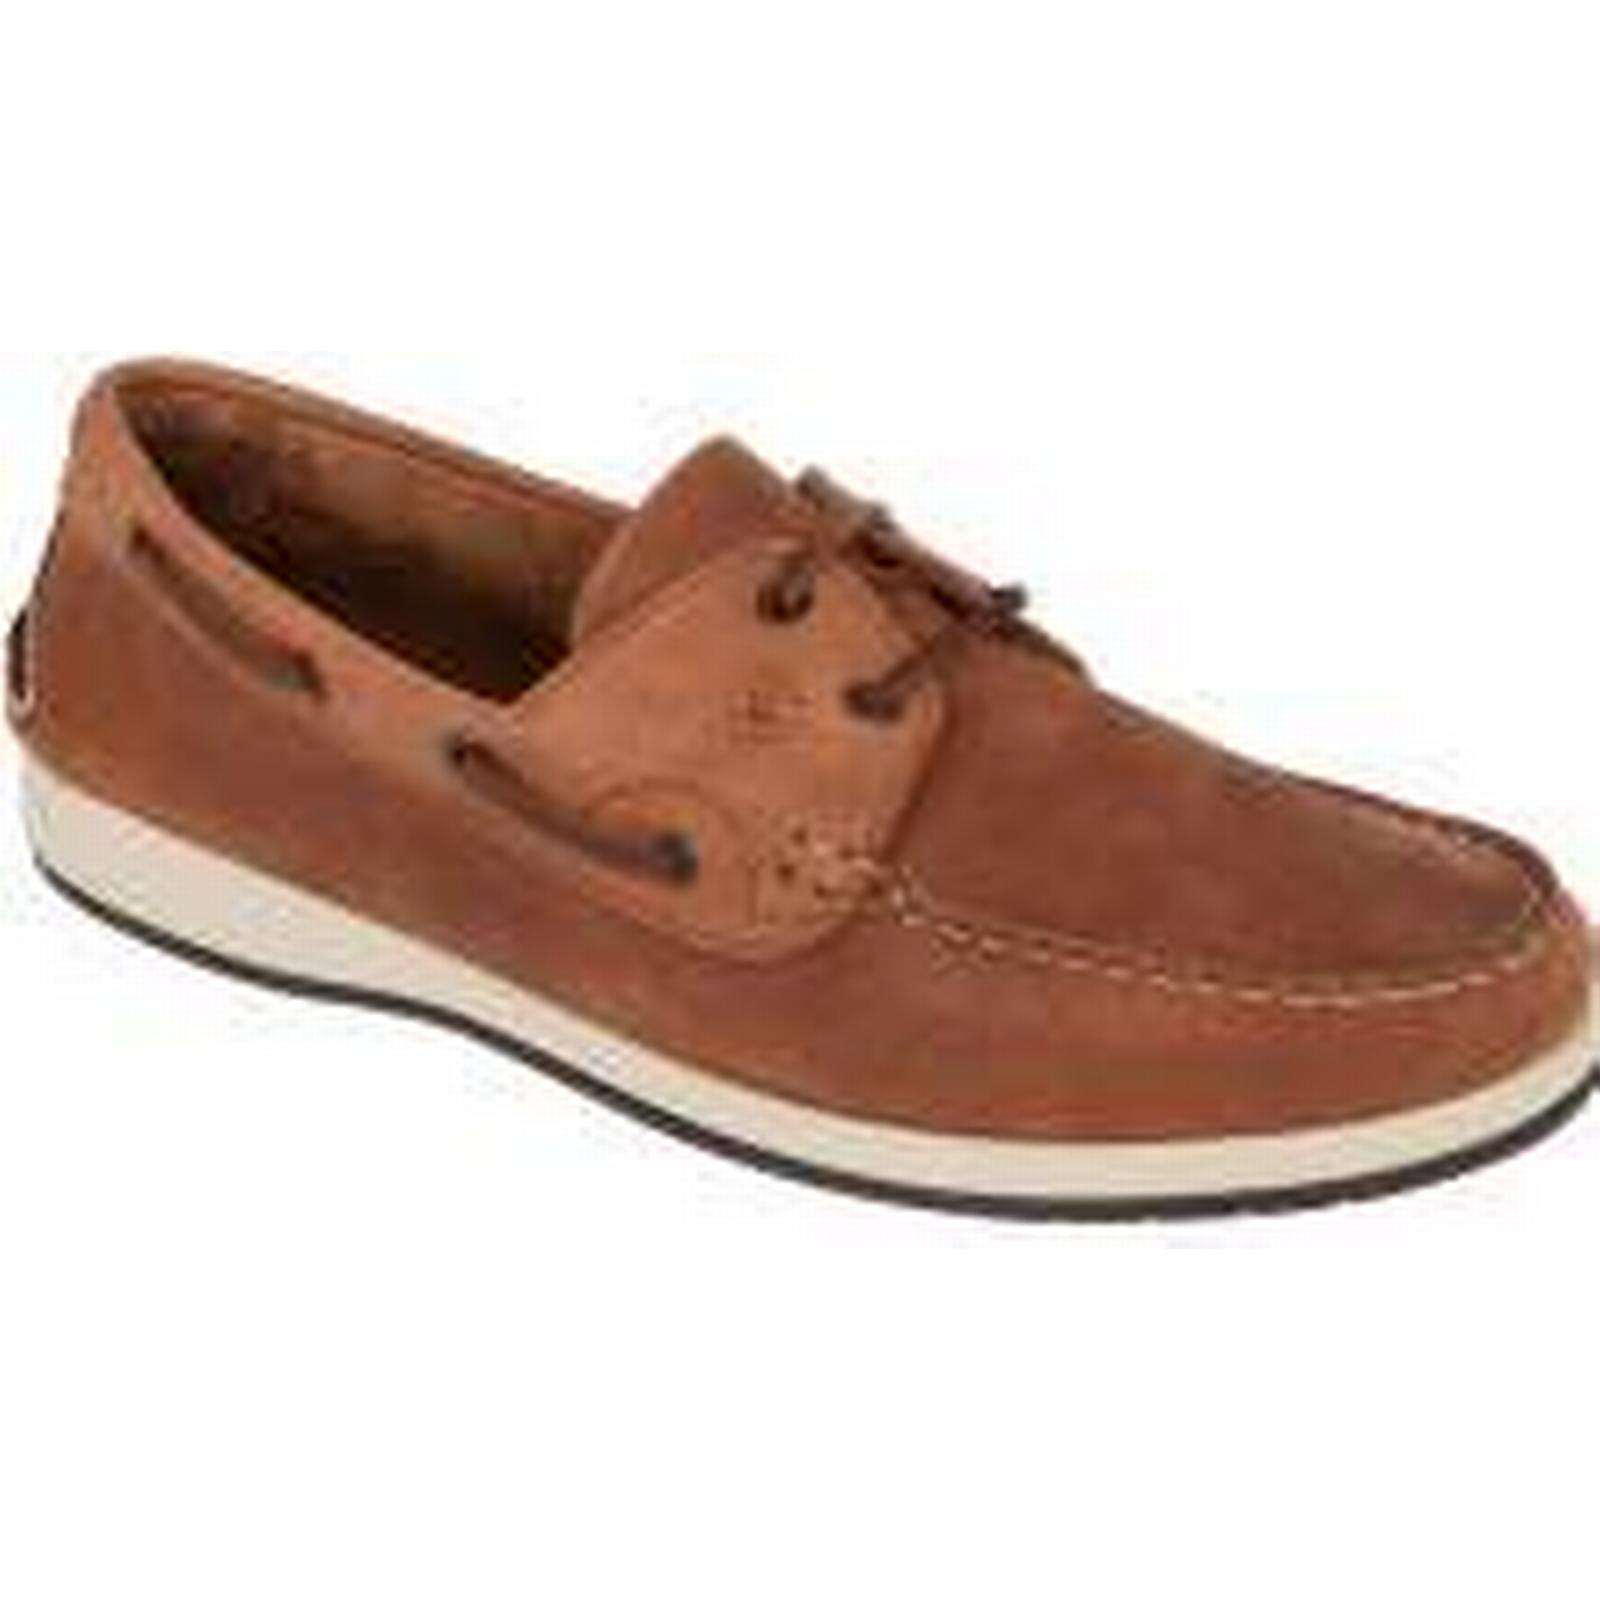 Dubarry Pacific X UK10.5 LT Deck Shoes, Chestnut, UK10.5 X 0e716b